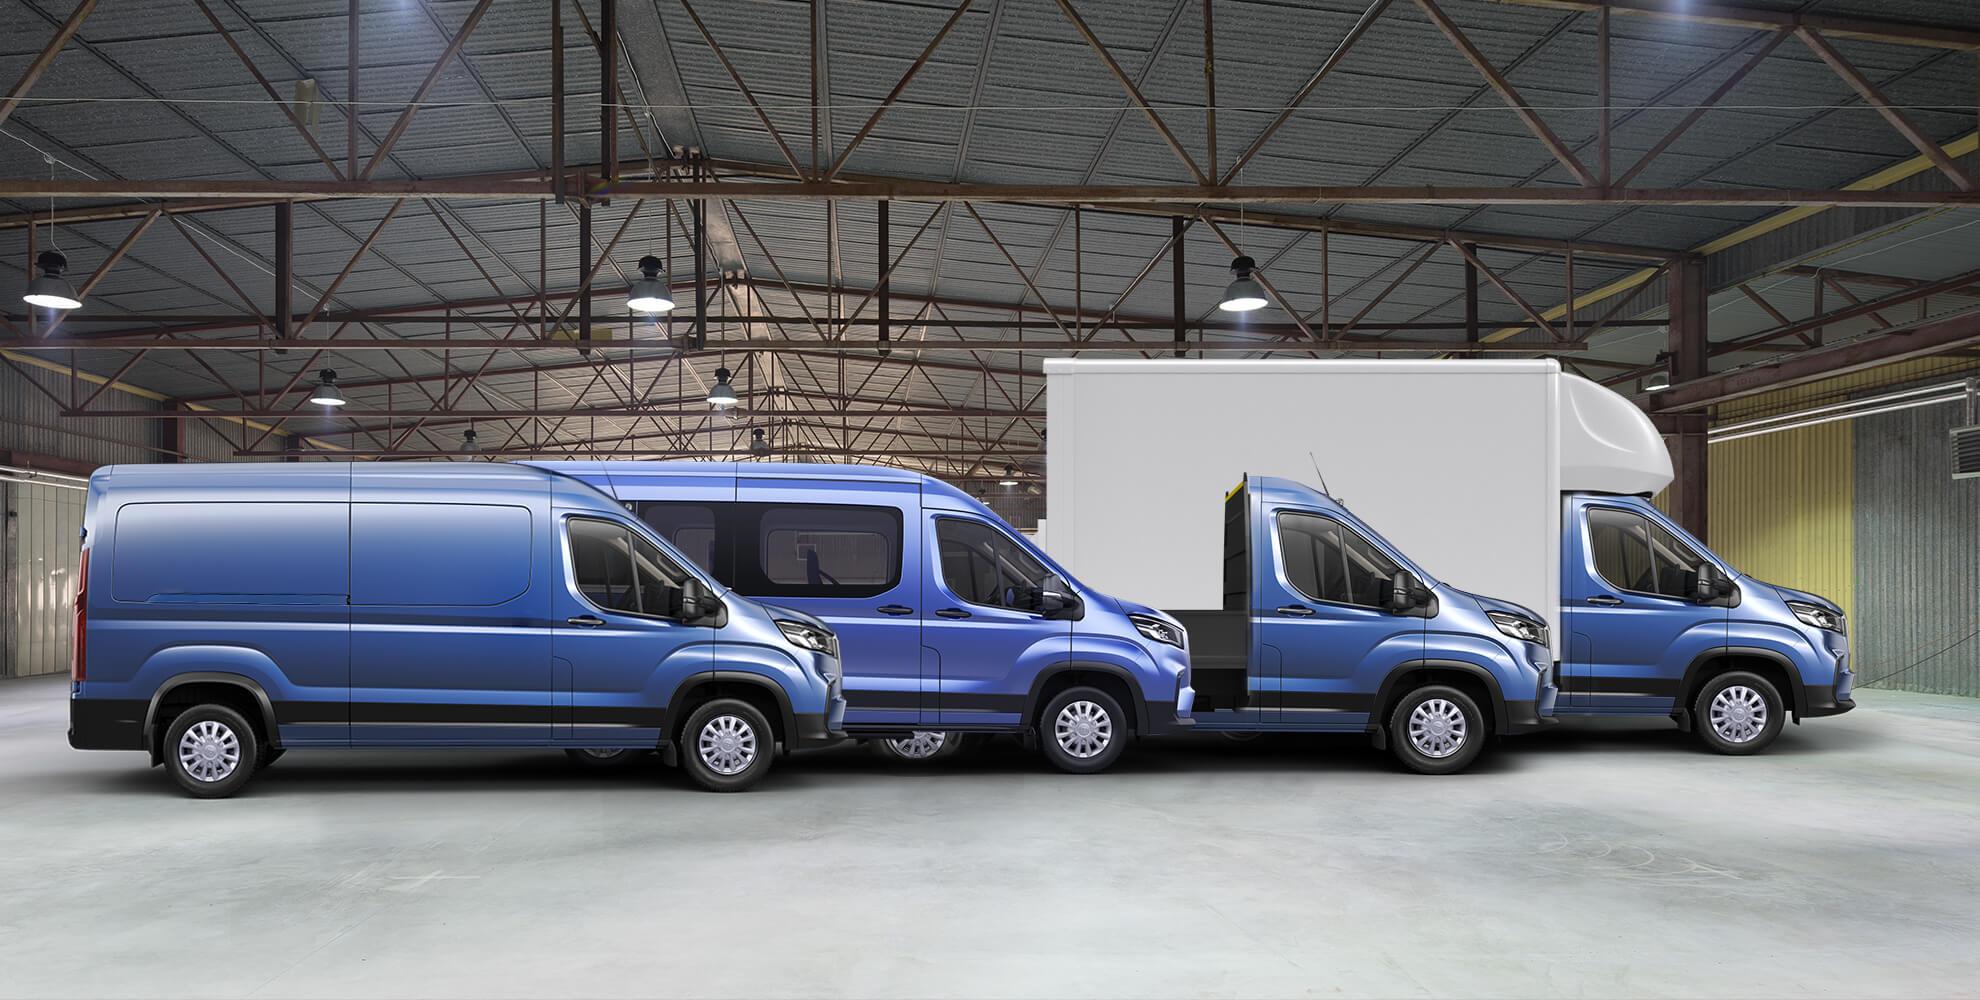 2020 06 10 - Vans Northwest Ltd